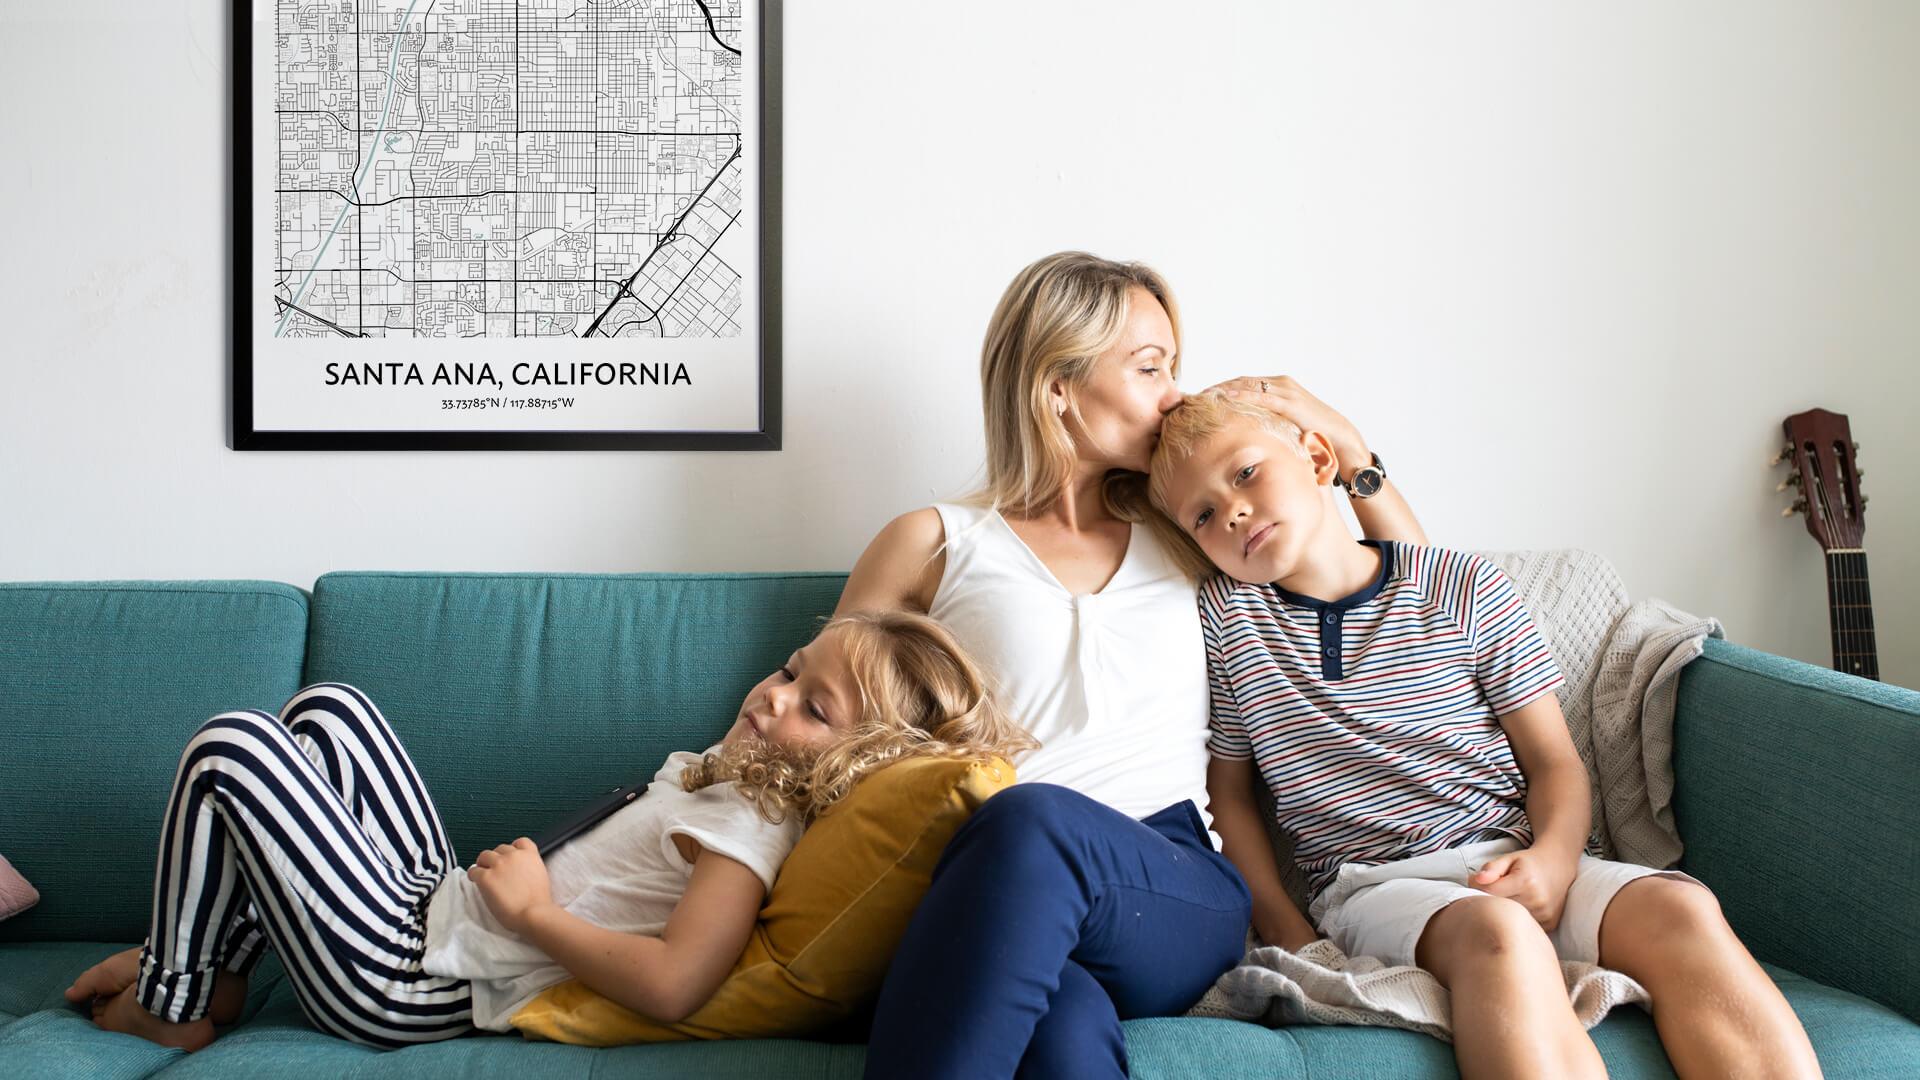 Santa Ana map poster